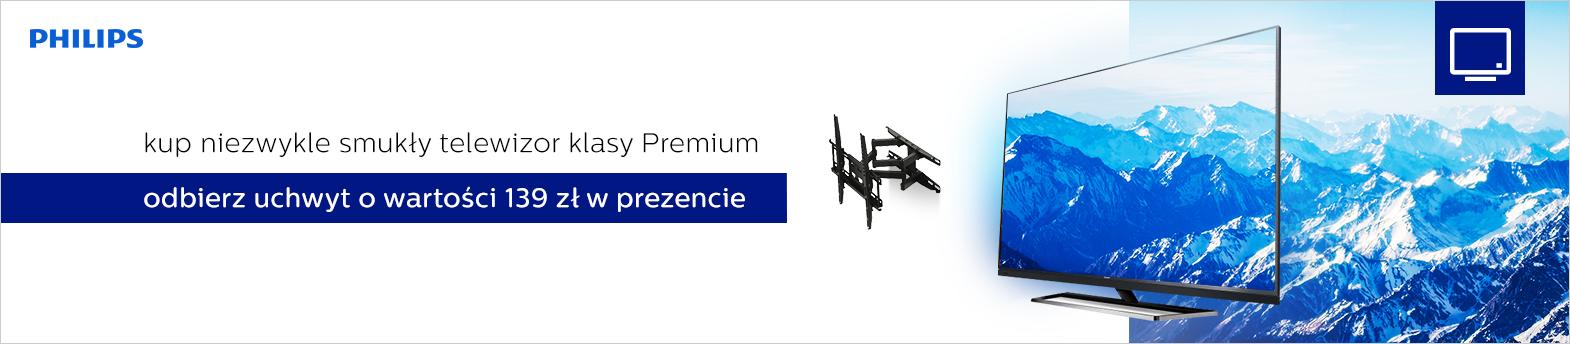 Philips Premium - uchwyt gratis